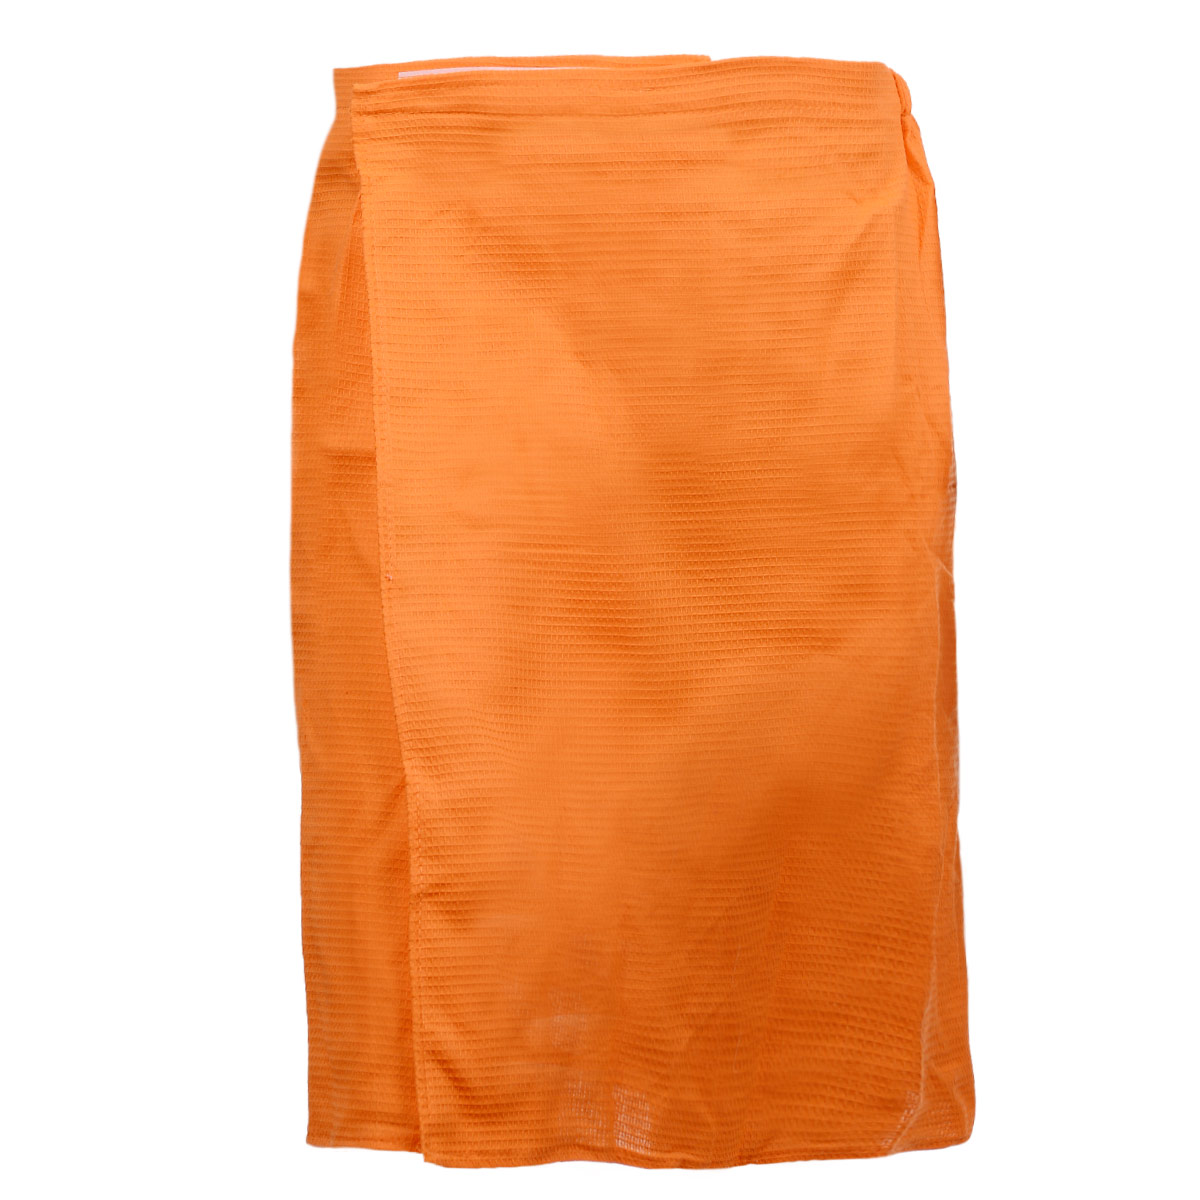 Килт для бани и сауны Банные штучки, мужской, цвет: оранжевый килт для бани и сауны eva мужской цвет оливковый